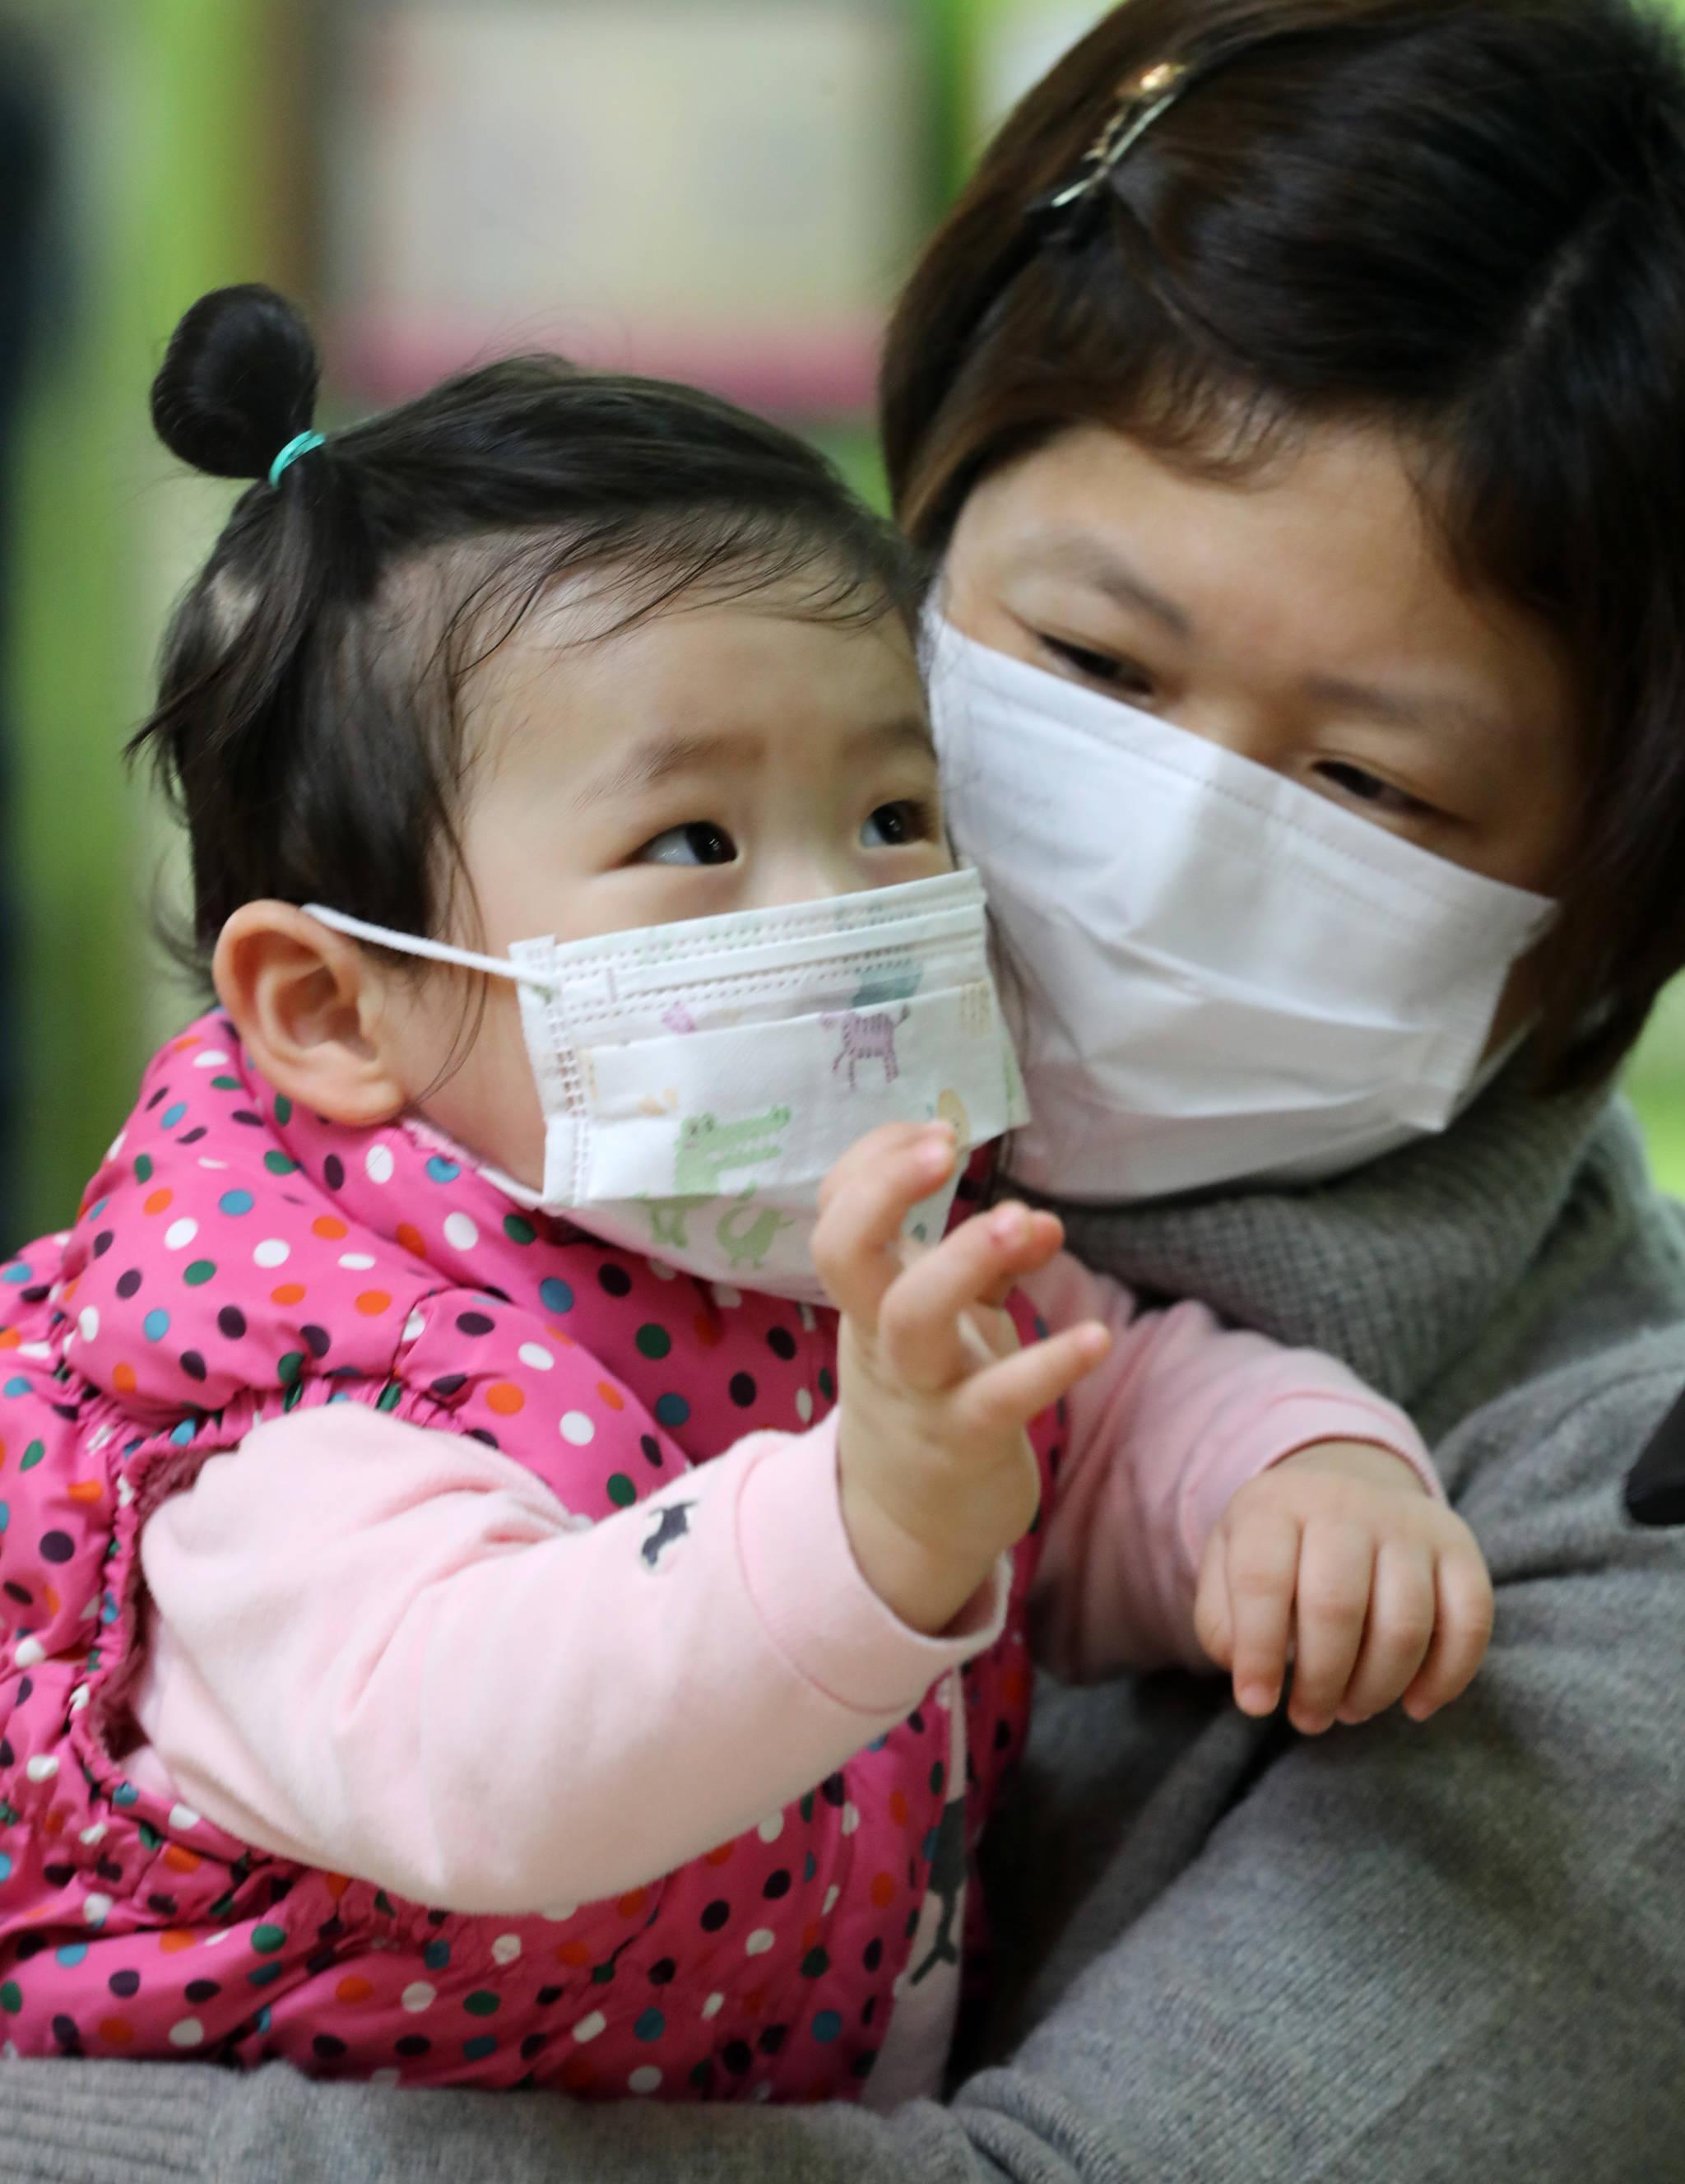 최근 독감이 유행하며 환자가 급증하고 있다. 3일 서울의 한 병원 소아청소년과 환자진료대기실에서 진료를 받으려는 모녀가 마스크를 착용하고 있다. [연합뉴스]